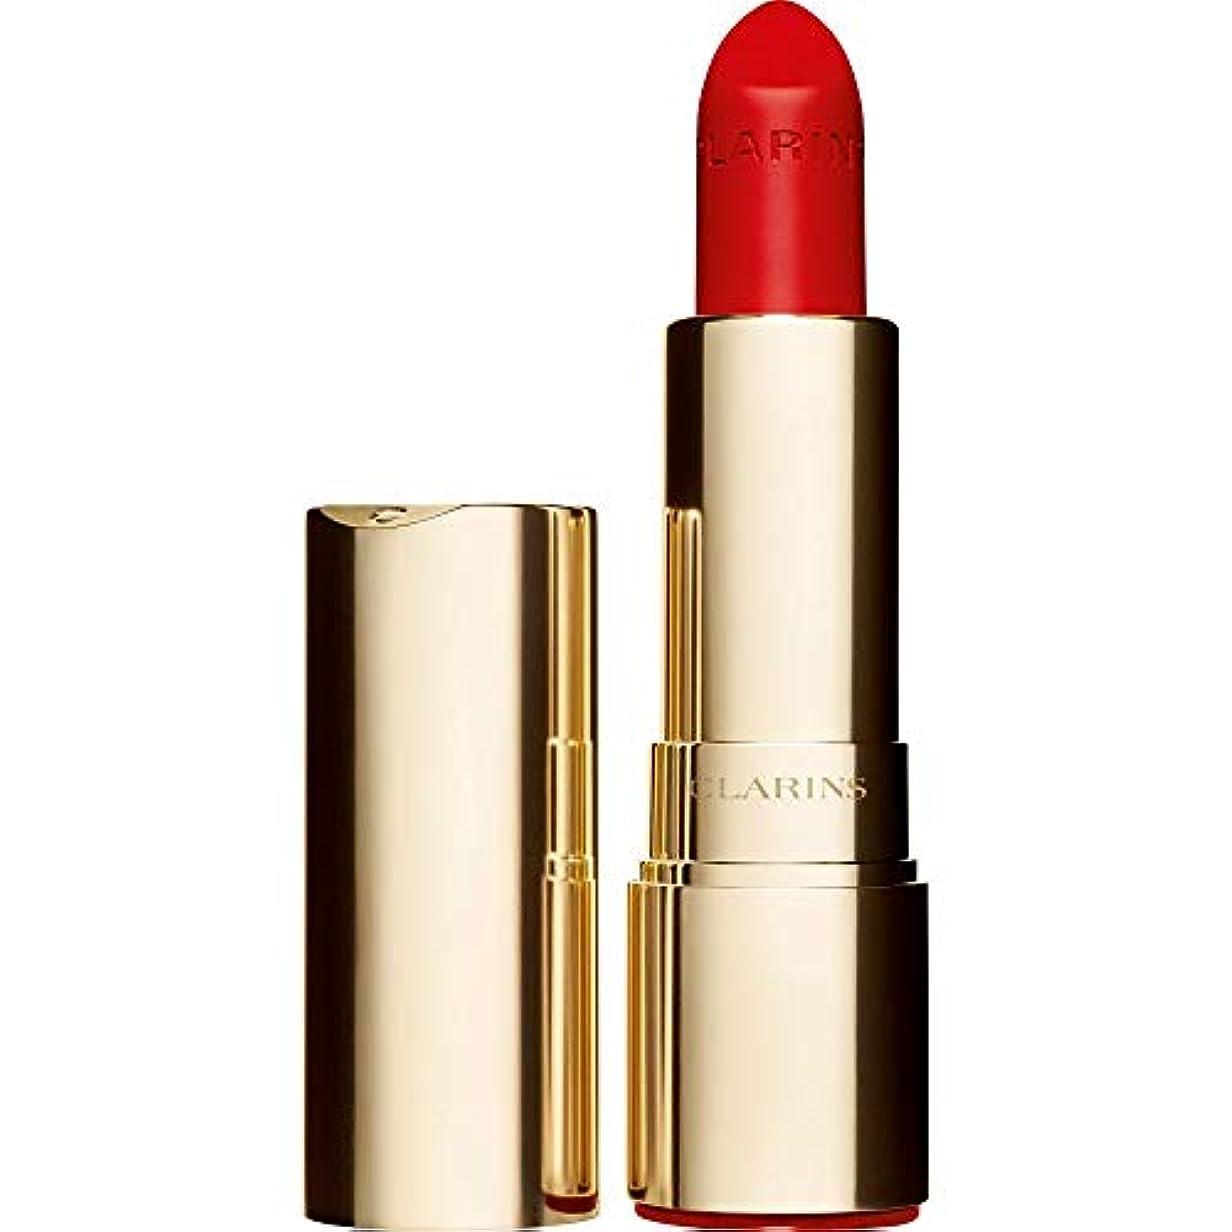 発掘する認める監督する[Clarins ] クラランスジョリルージュのベルベットの口紅3.5グラムの741V - 赤、オレンジ - Clarins Joli Rouge Velvet Lipstick 3.5g 741V - Red Orange...